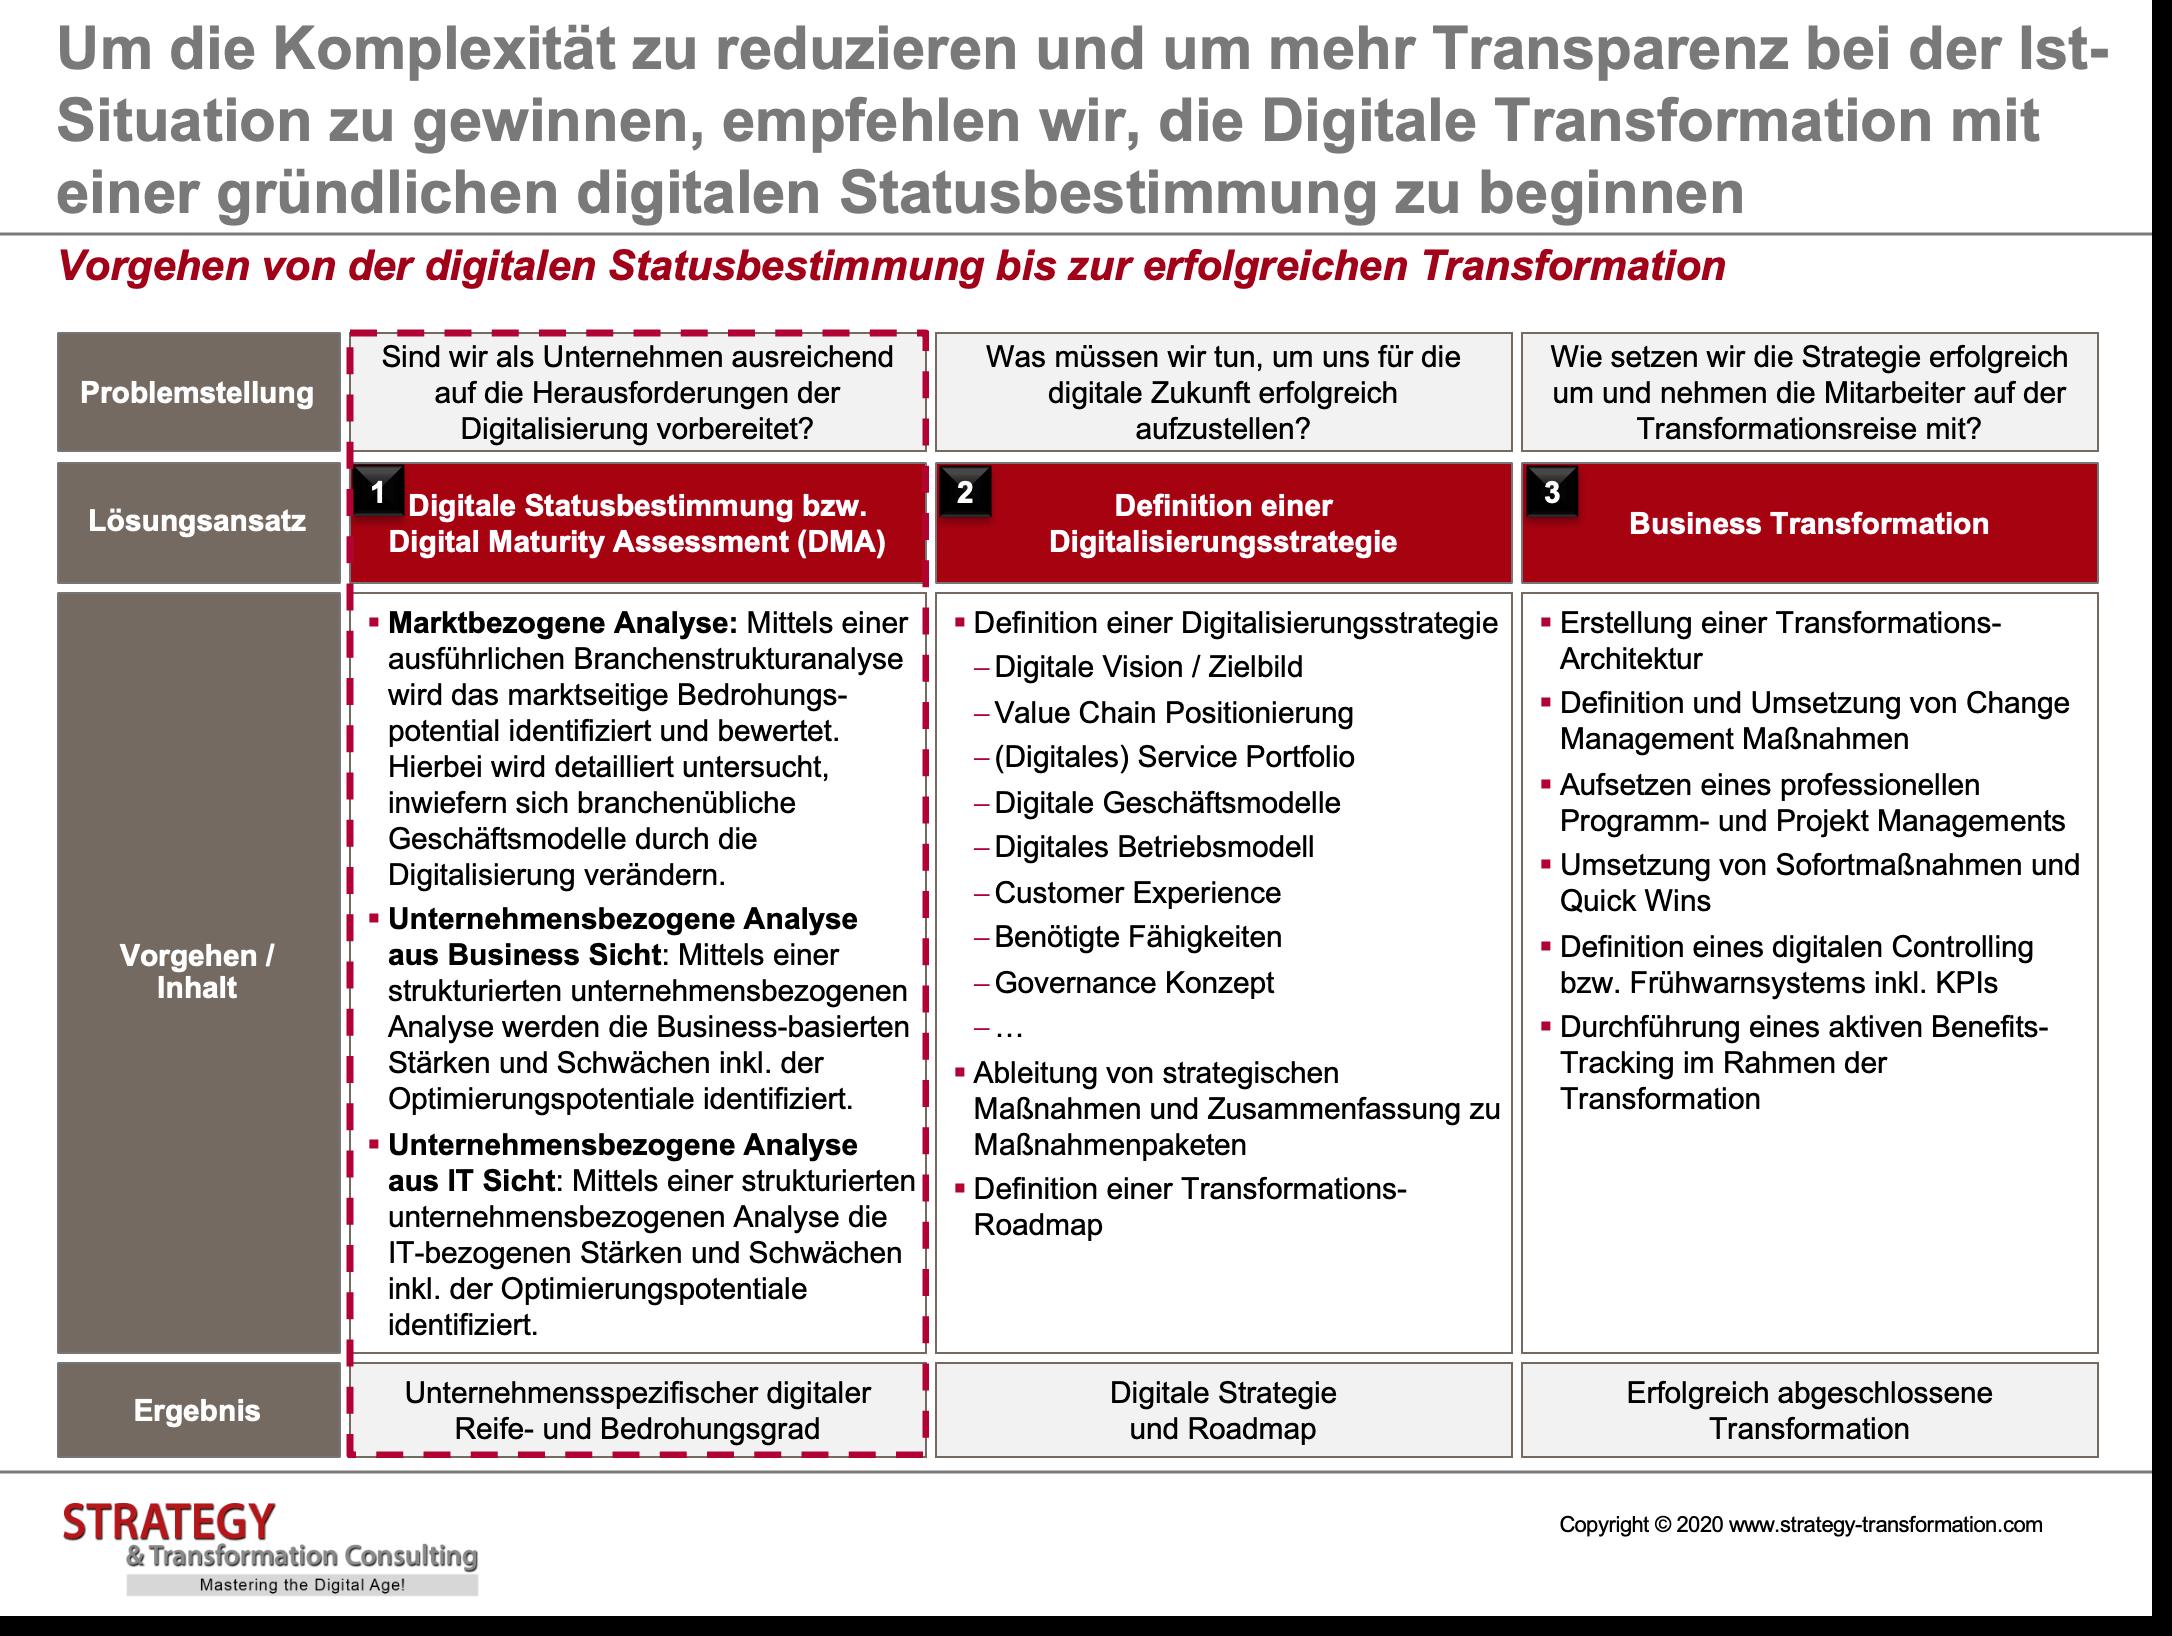 Vorgehen von der digitalen Statusbestimmung bis zur erfolgreichen Transformation